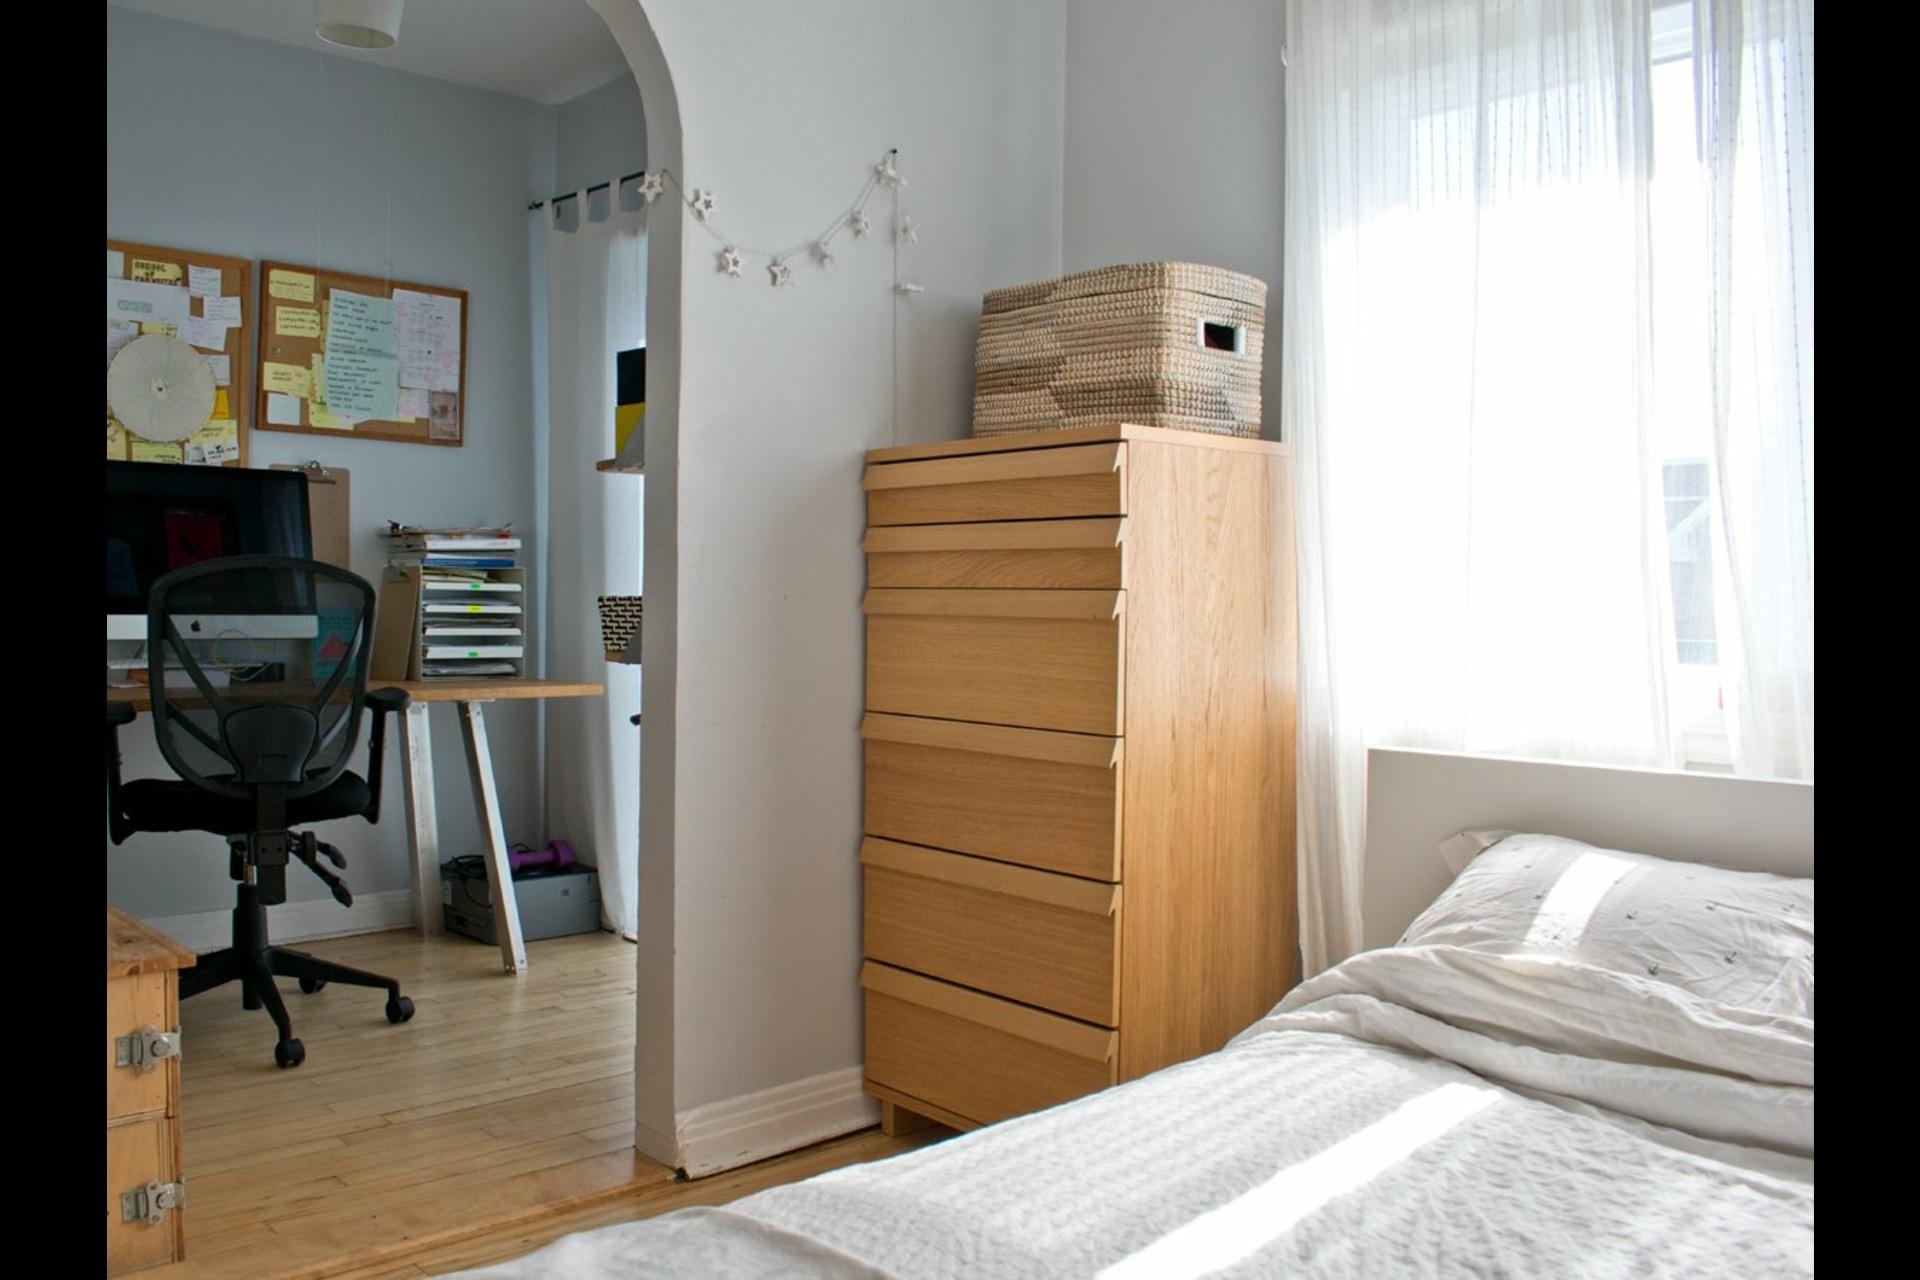 image 17 - House For sale Villeray/Saint-Michel/Parc-Extension Montréal  - 9 rooms